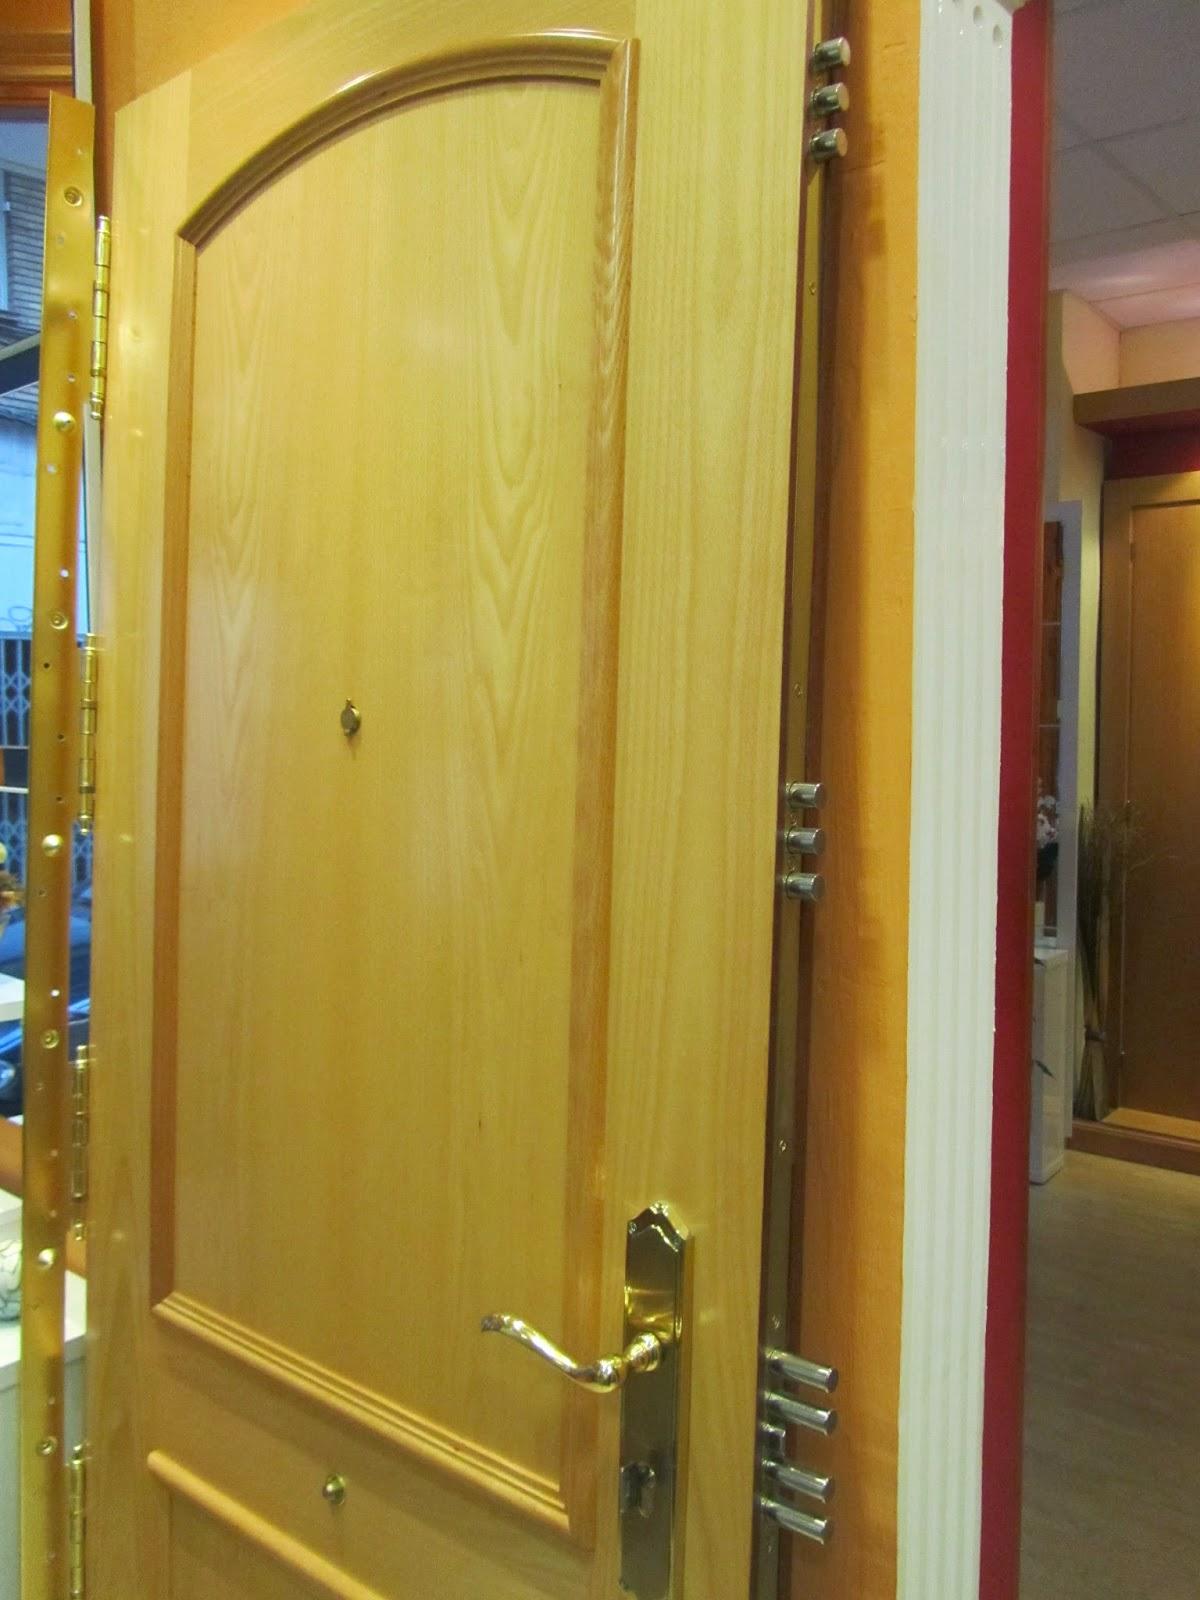 Puertas lozano puertas blindadas - Pernios para puertas ...